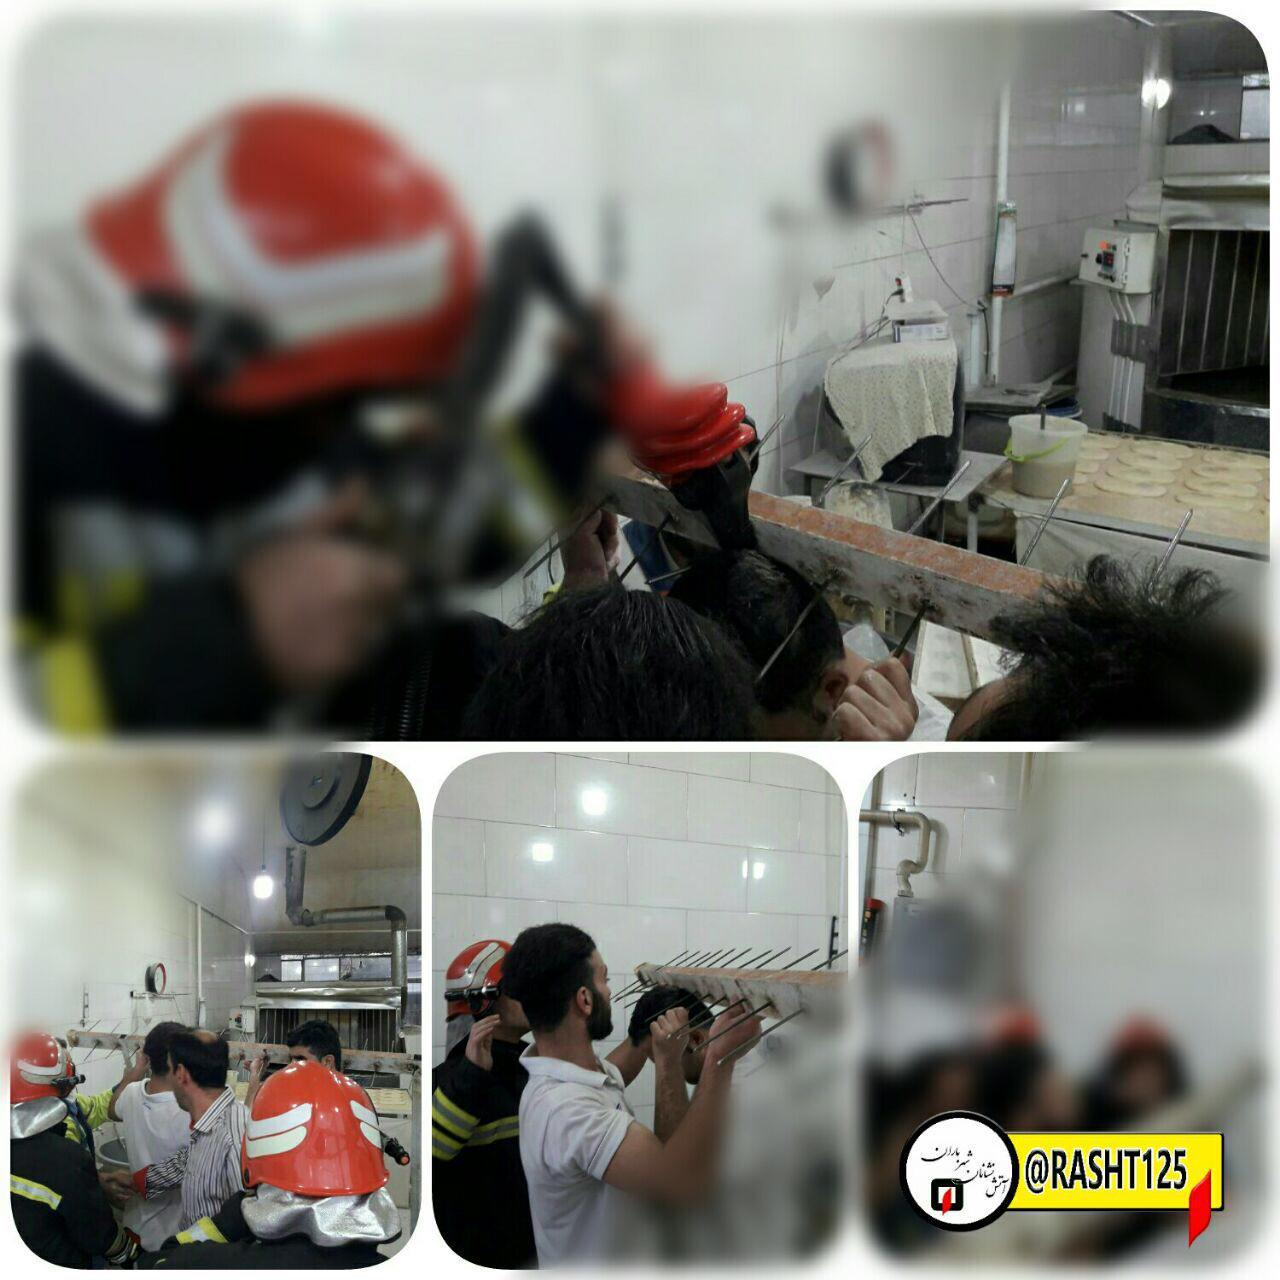 یک اتفاق هولناک در رشت/ سیخ نان، کارگری را راهی بیمارستان کرد